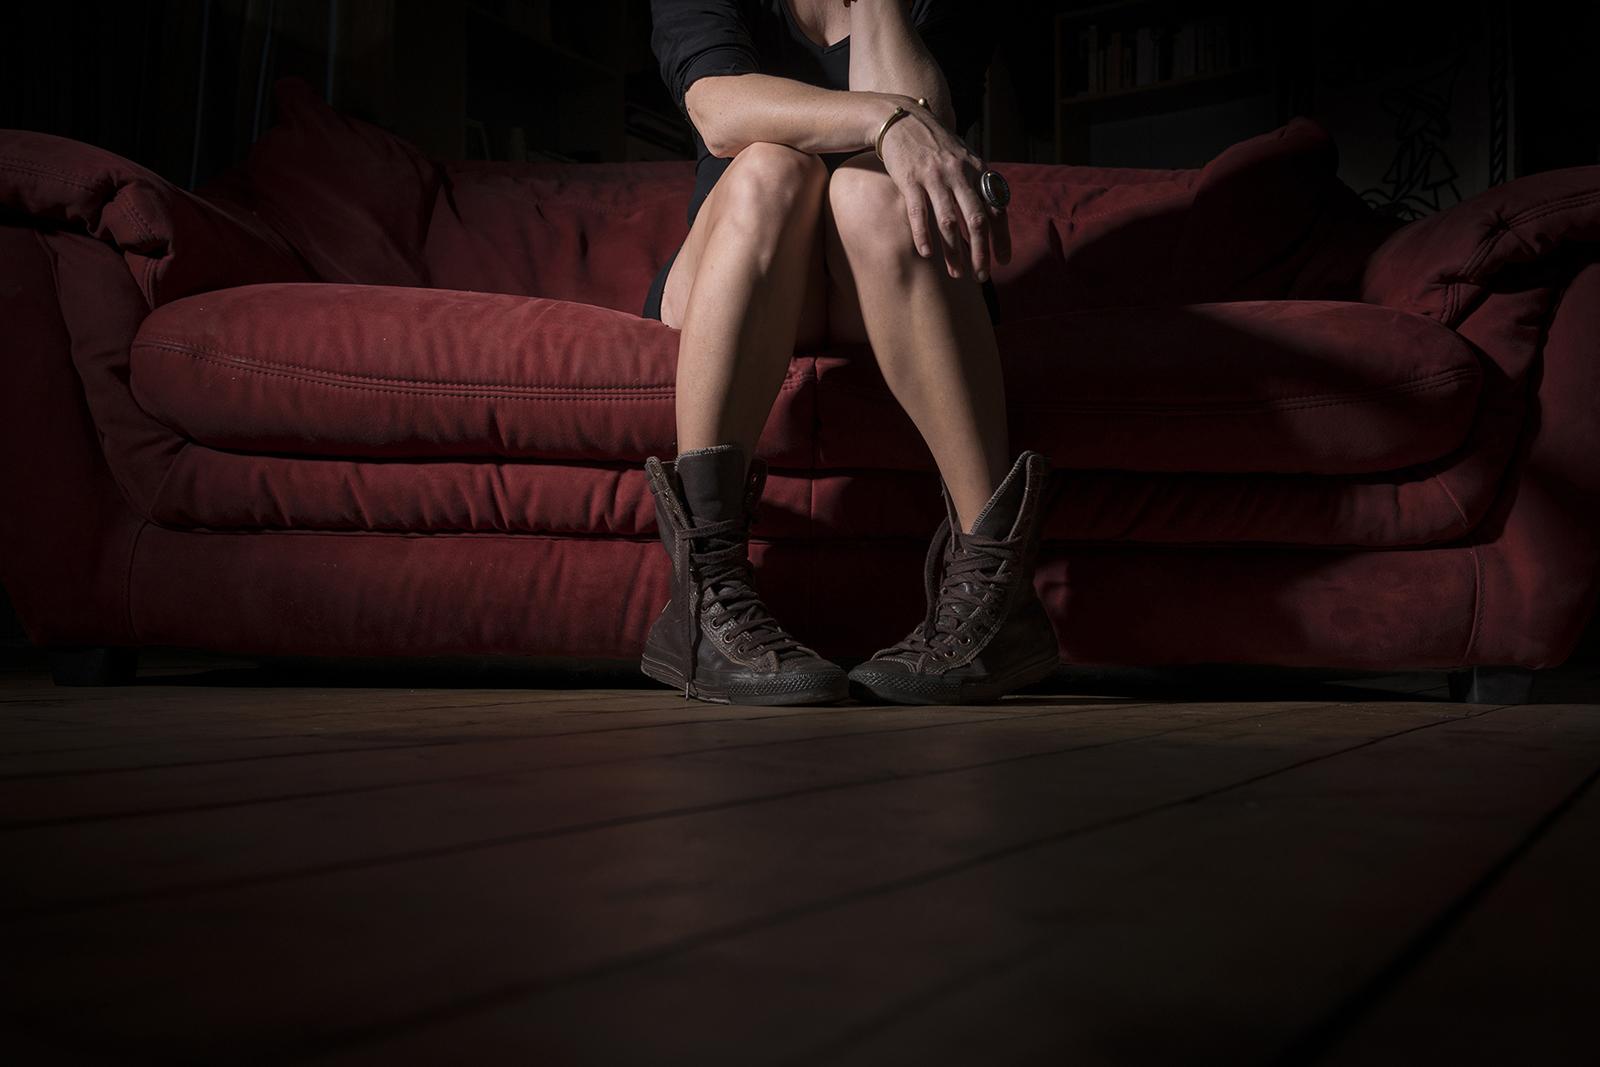 jambes de femme assise sur sofa rouge